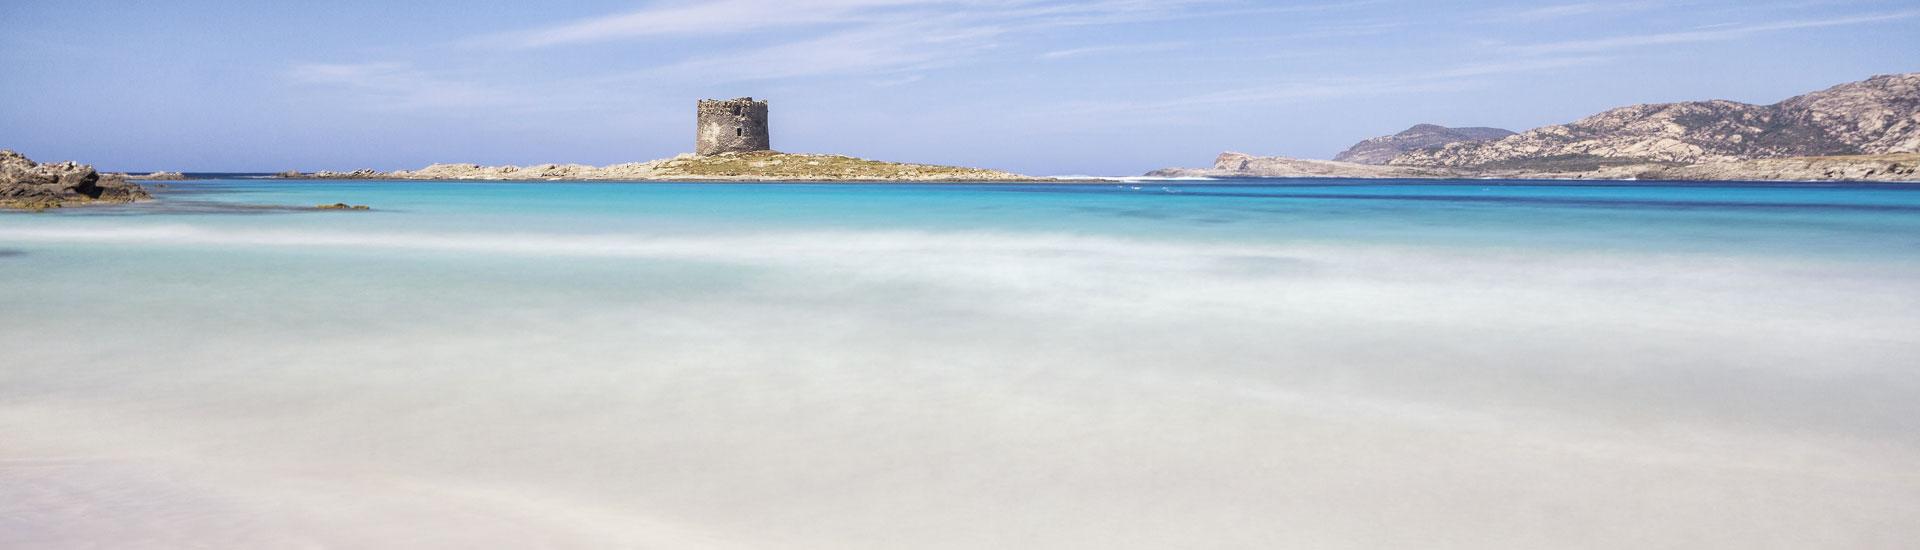 Hotel La Playa Sardinien